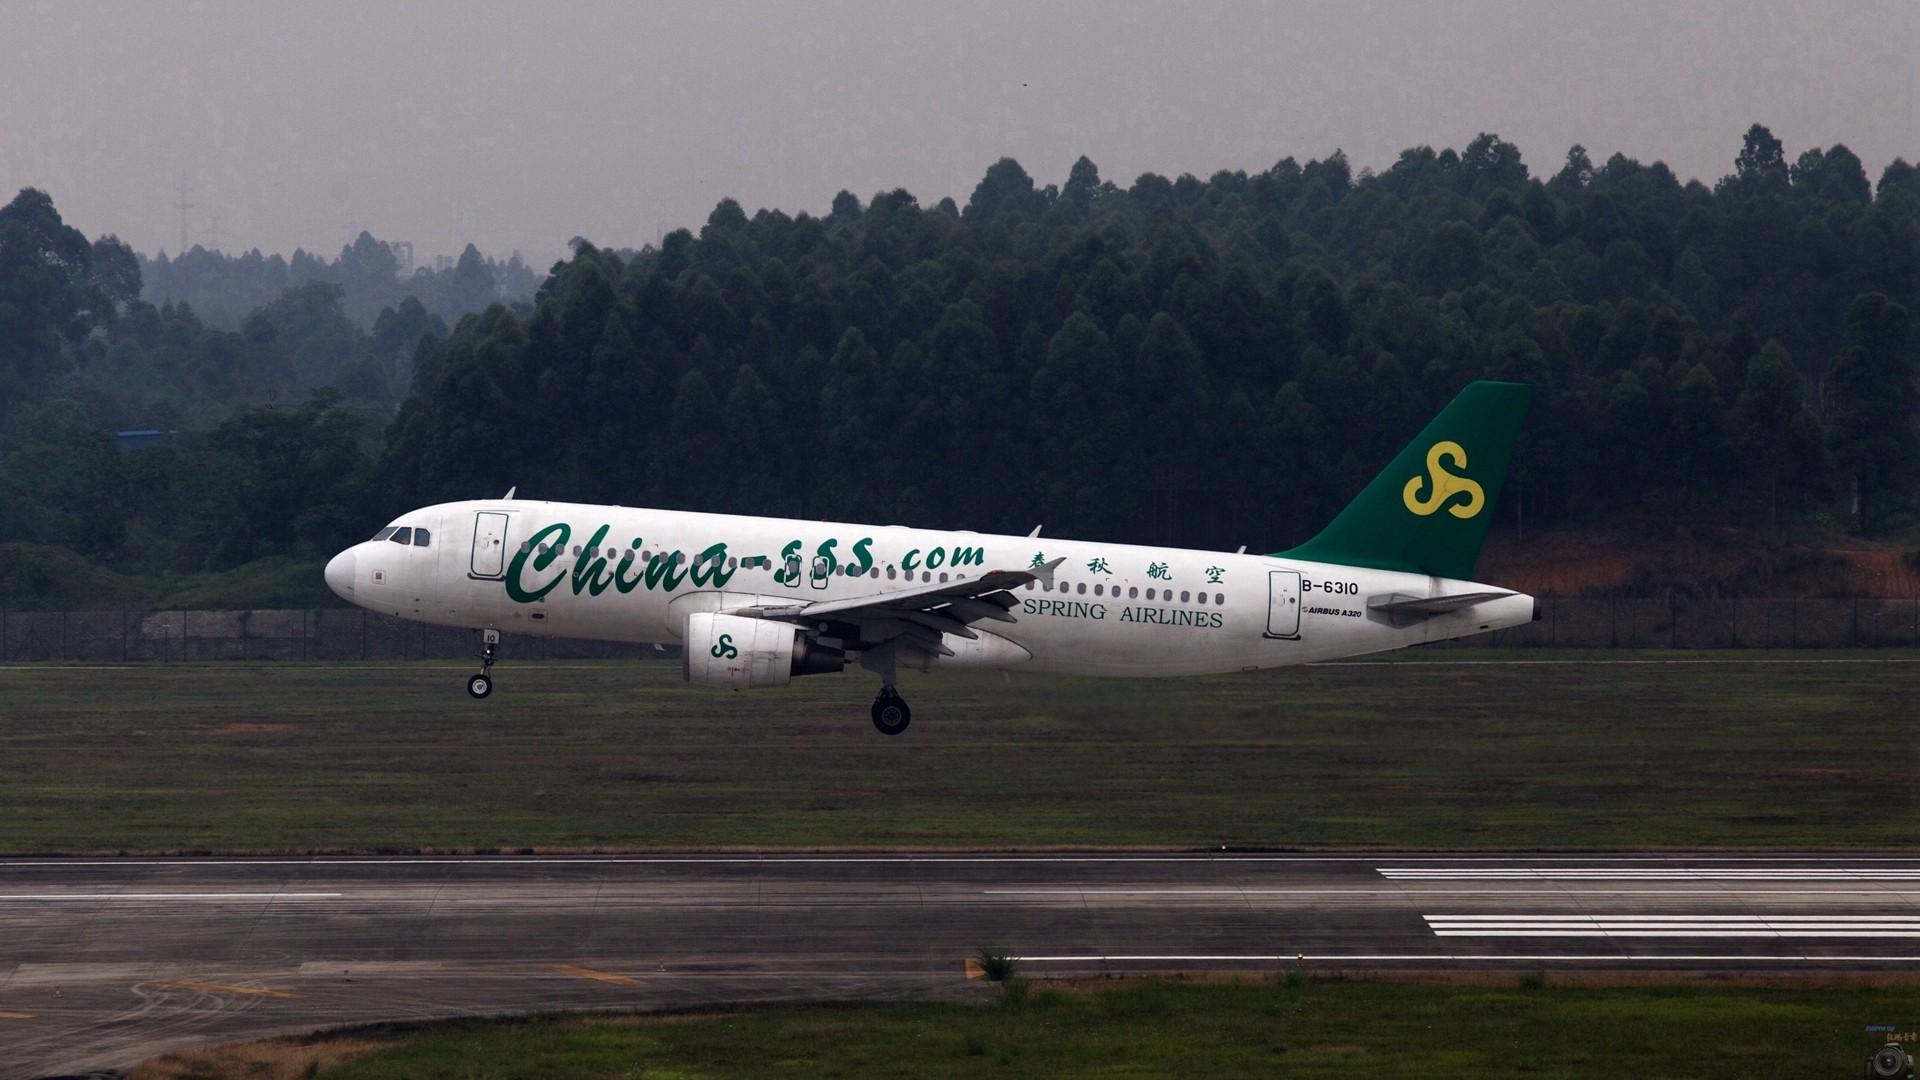 Re:[原创]重出江湖【CTU】2015.5.17打飞机 AIRBUS A320-200 B-6310 中国成都双流国际机场